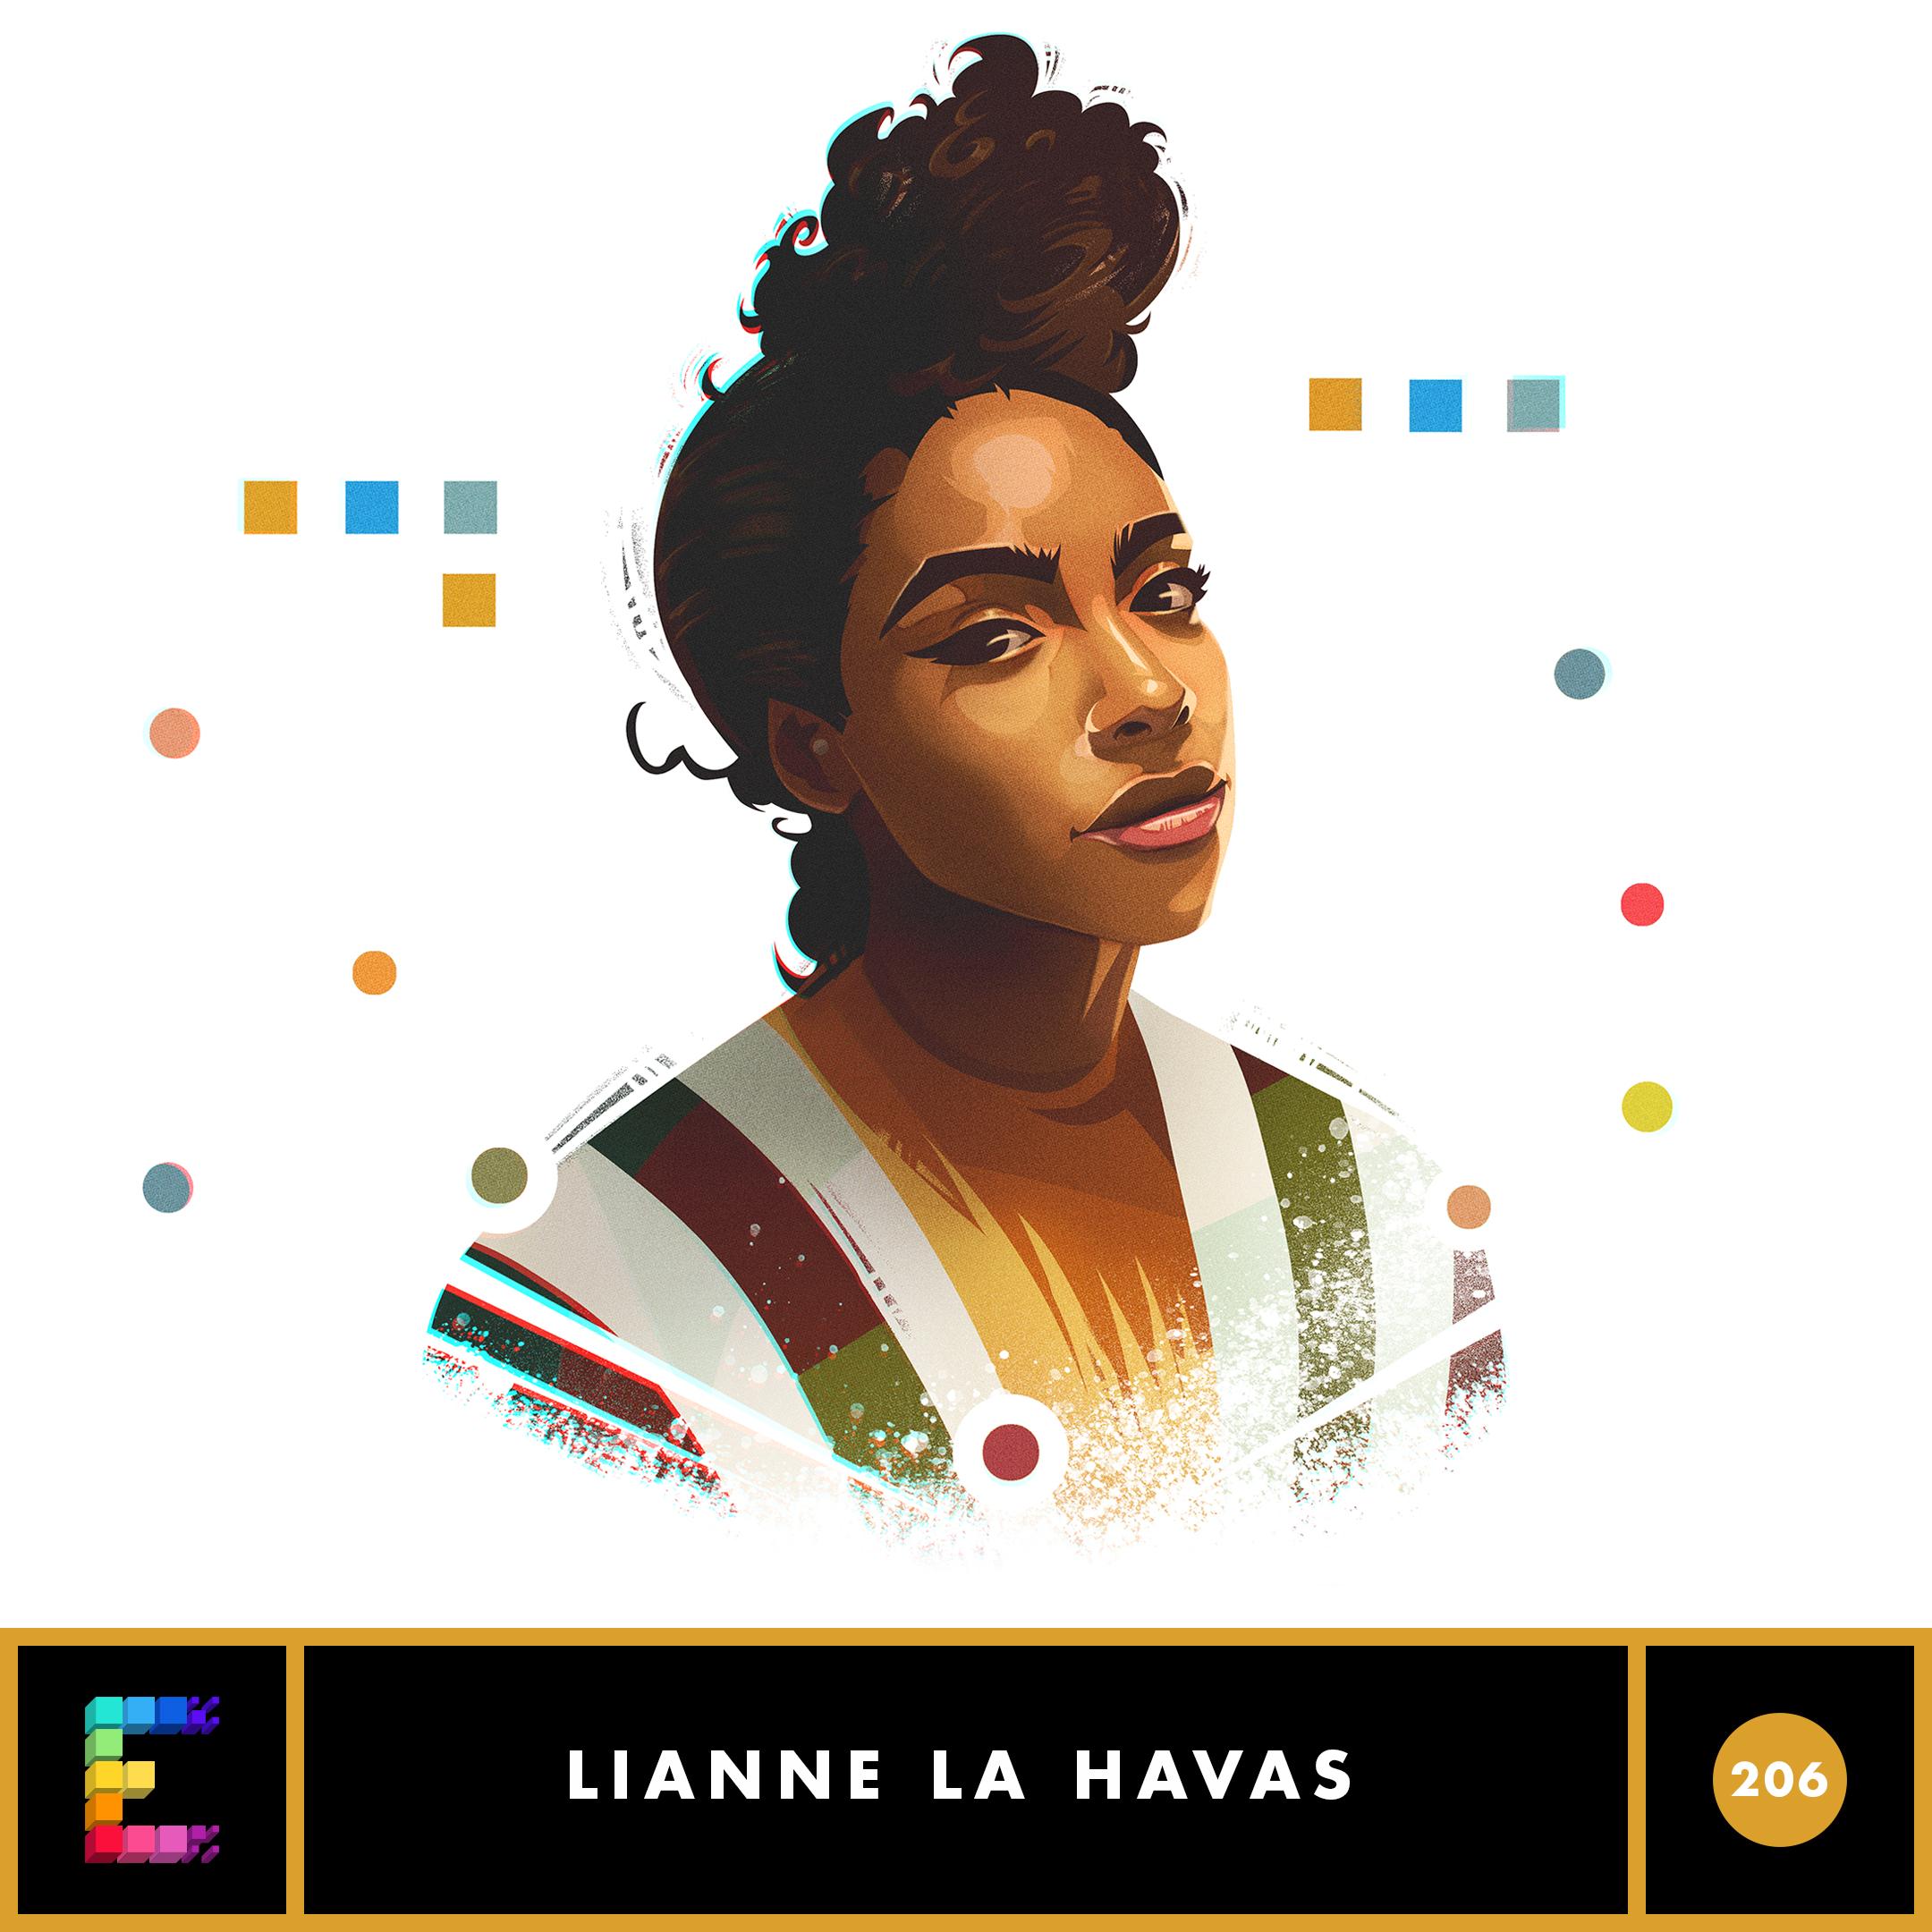 Lianne La Havas - Can't Fight